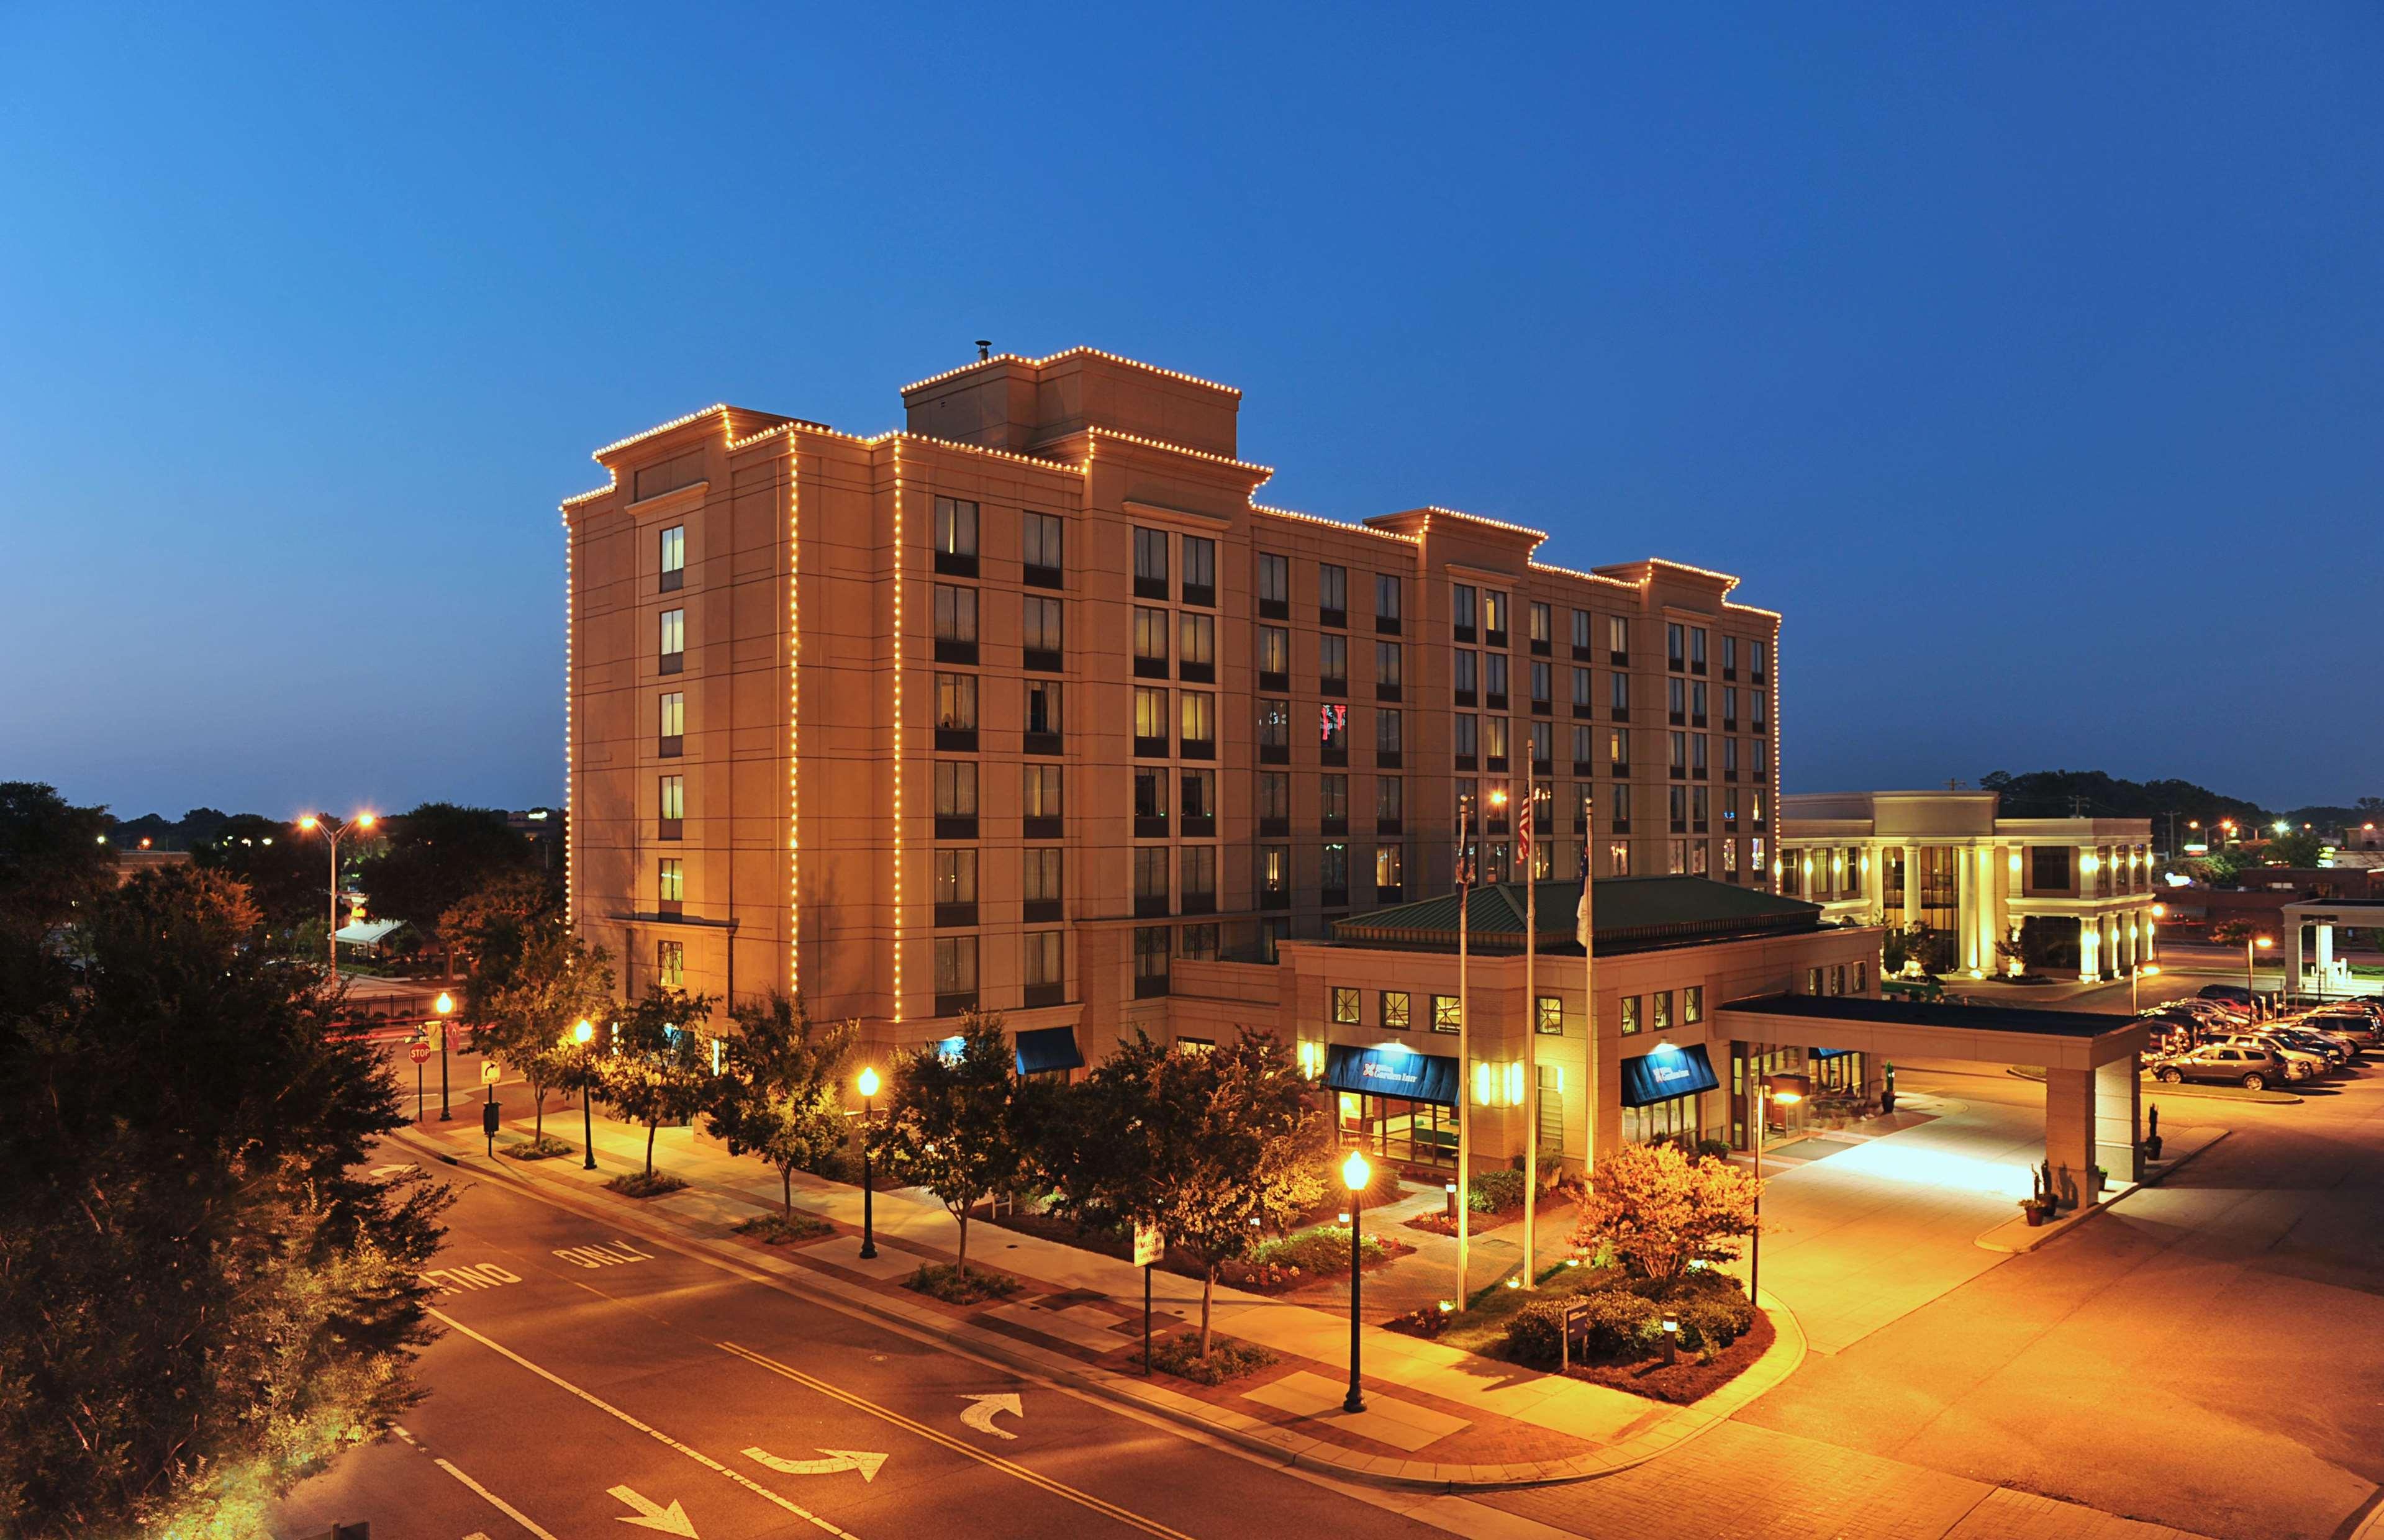 Hilton Garden Inn Virginia Beach Town Center image 1